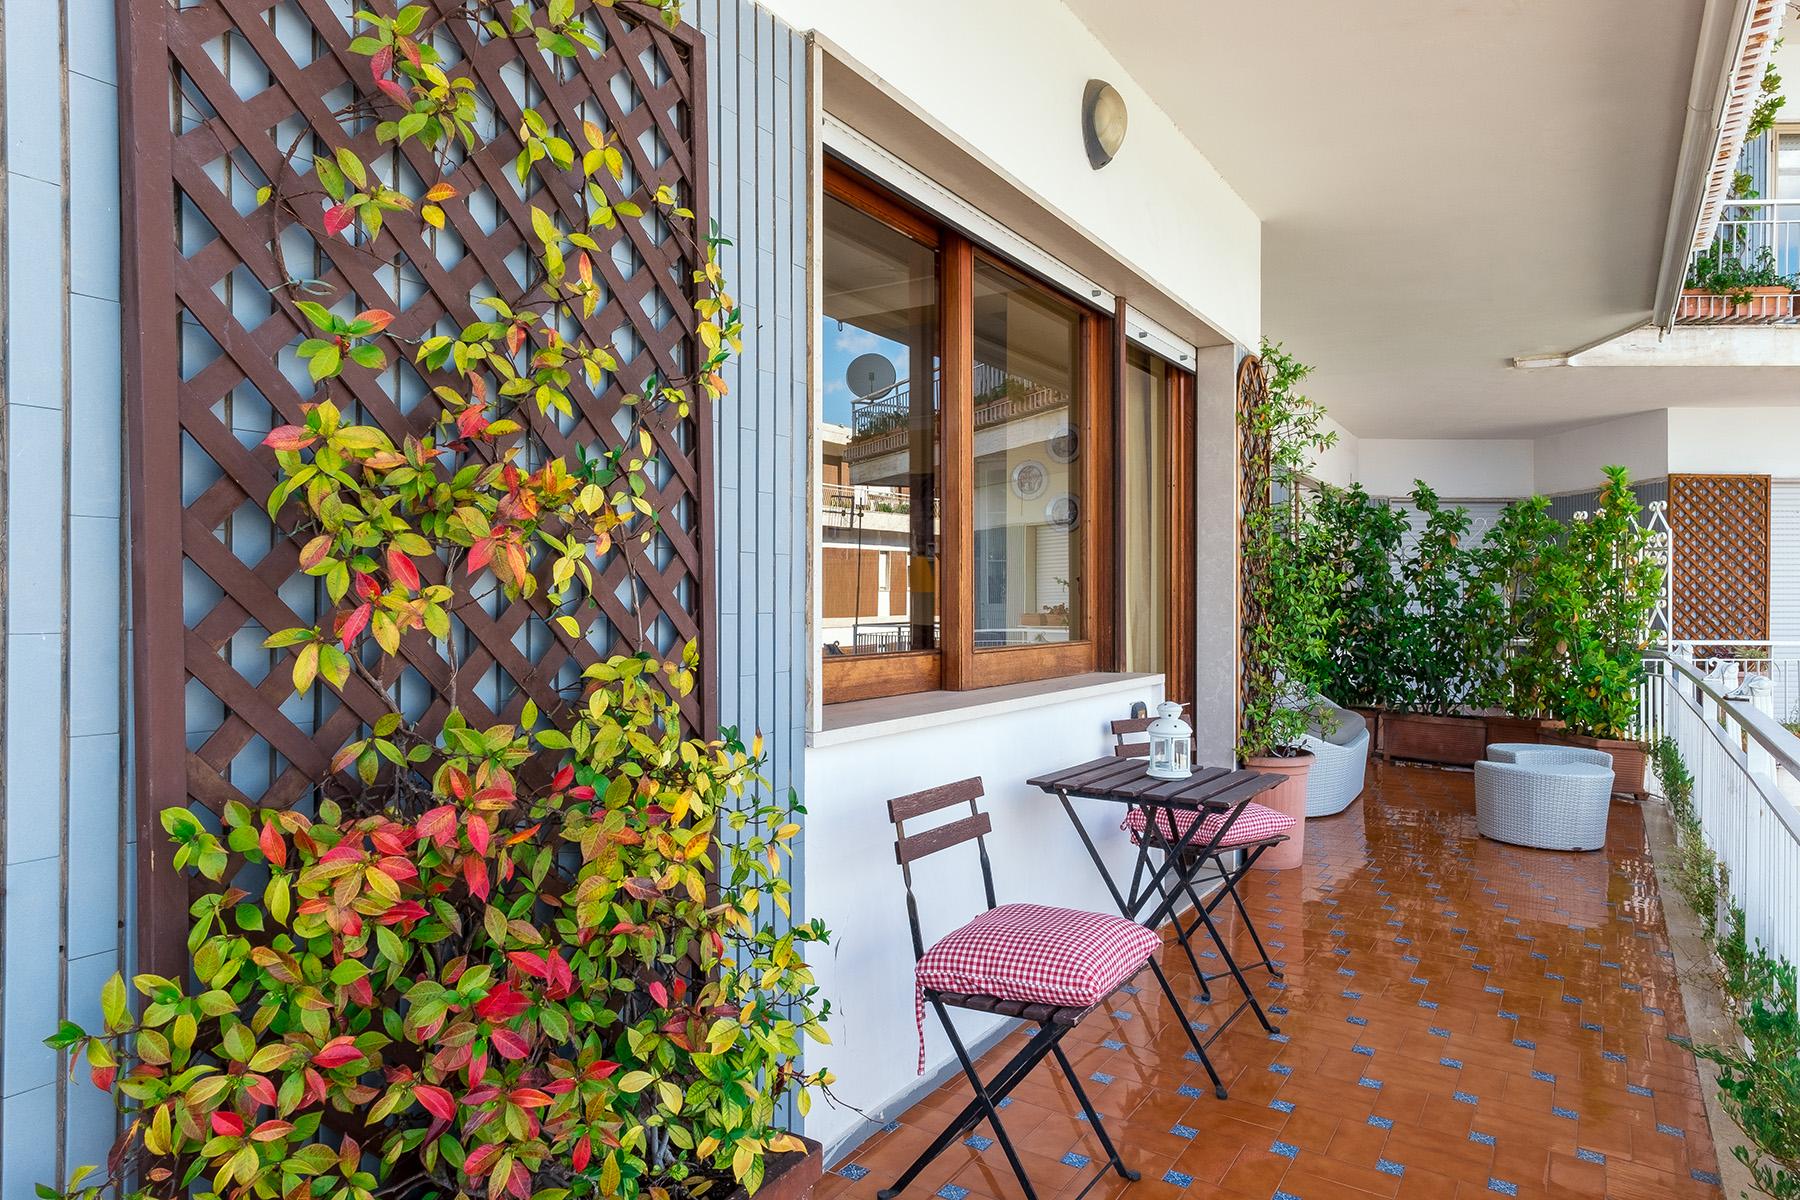 Appartamento in Vendita a Napoli: 5 locali, 150 mq - Foto 4